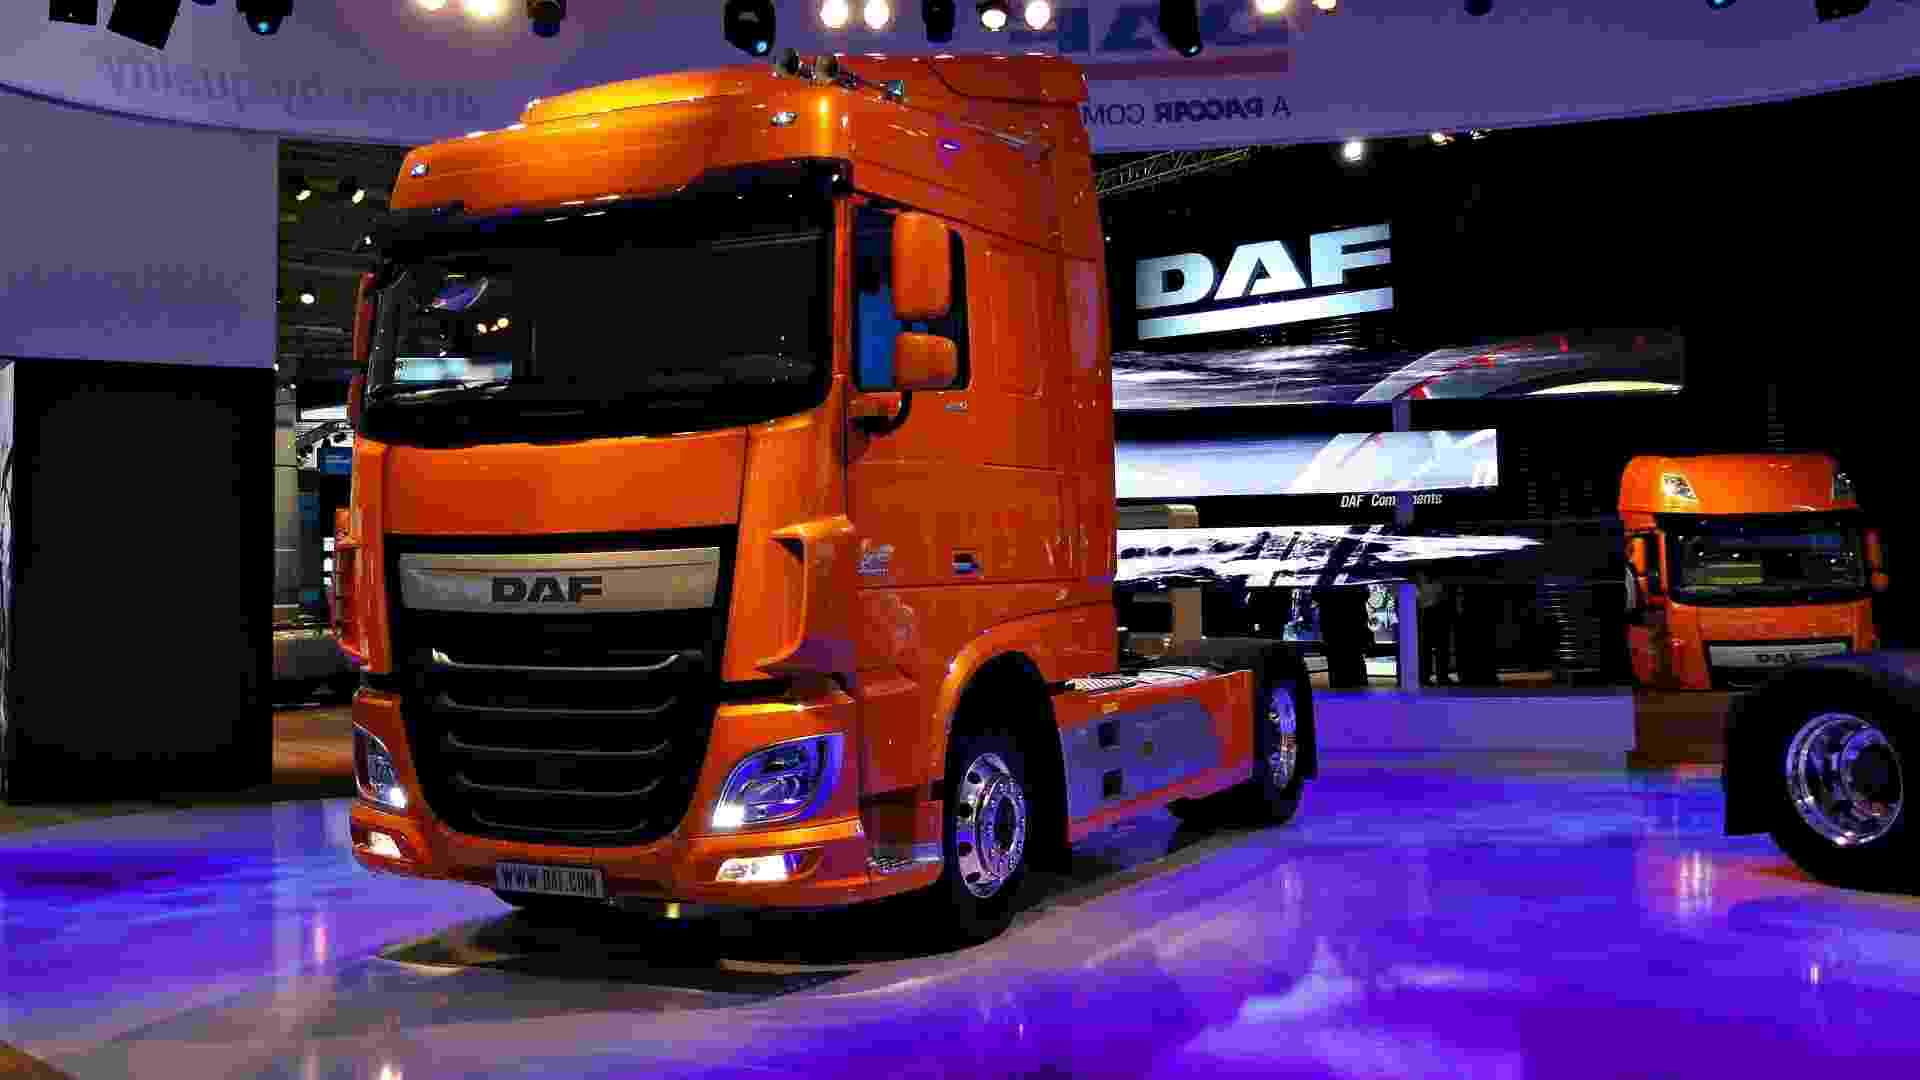 Caminhão da holandesa DAF - Claudio Luis de Souza/UOL